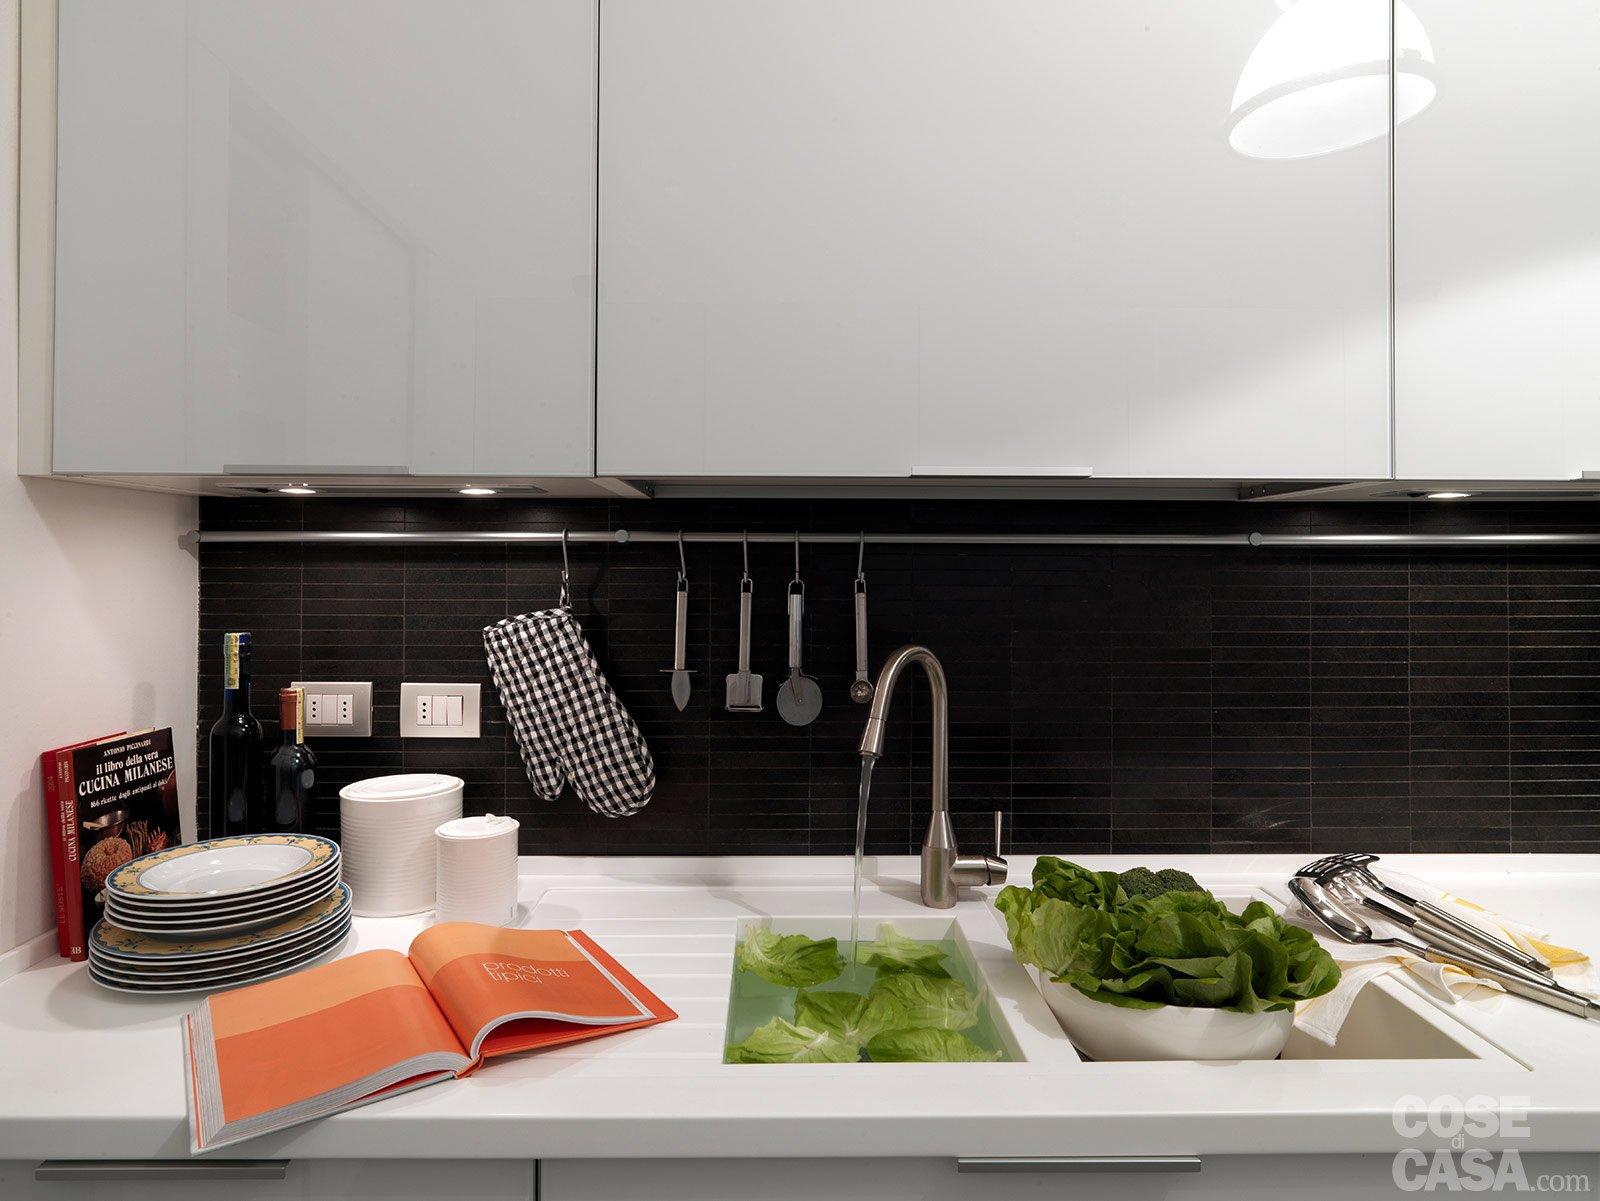 Casa federica pecchio cucina lavabo cose di casa - Lavabo cucina moderno ...